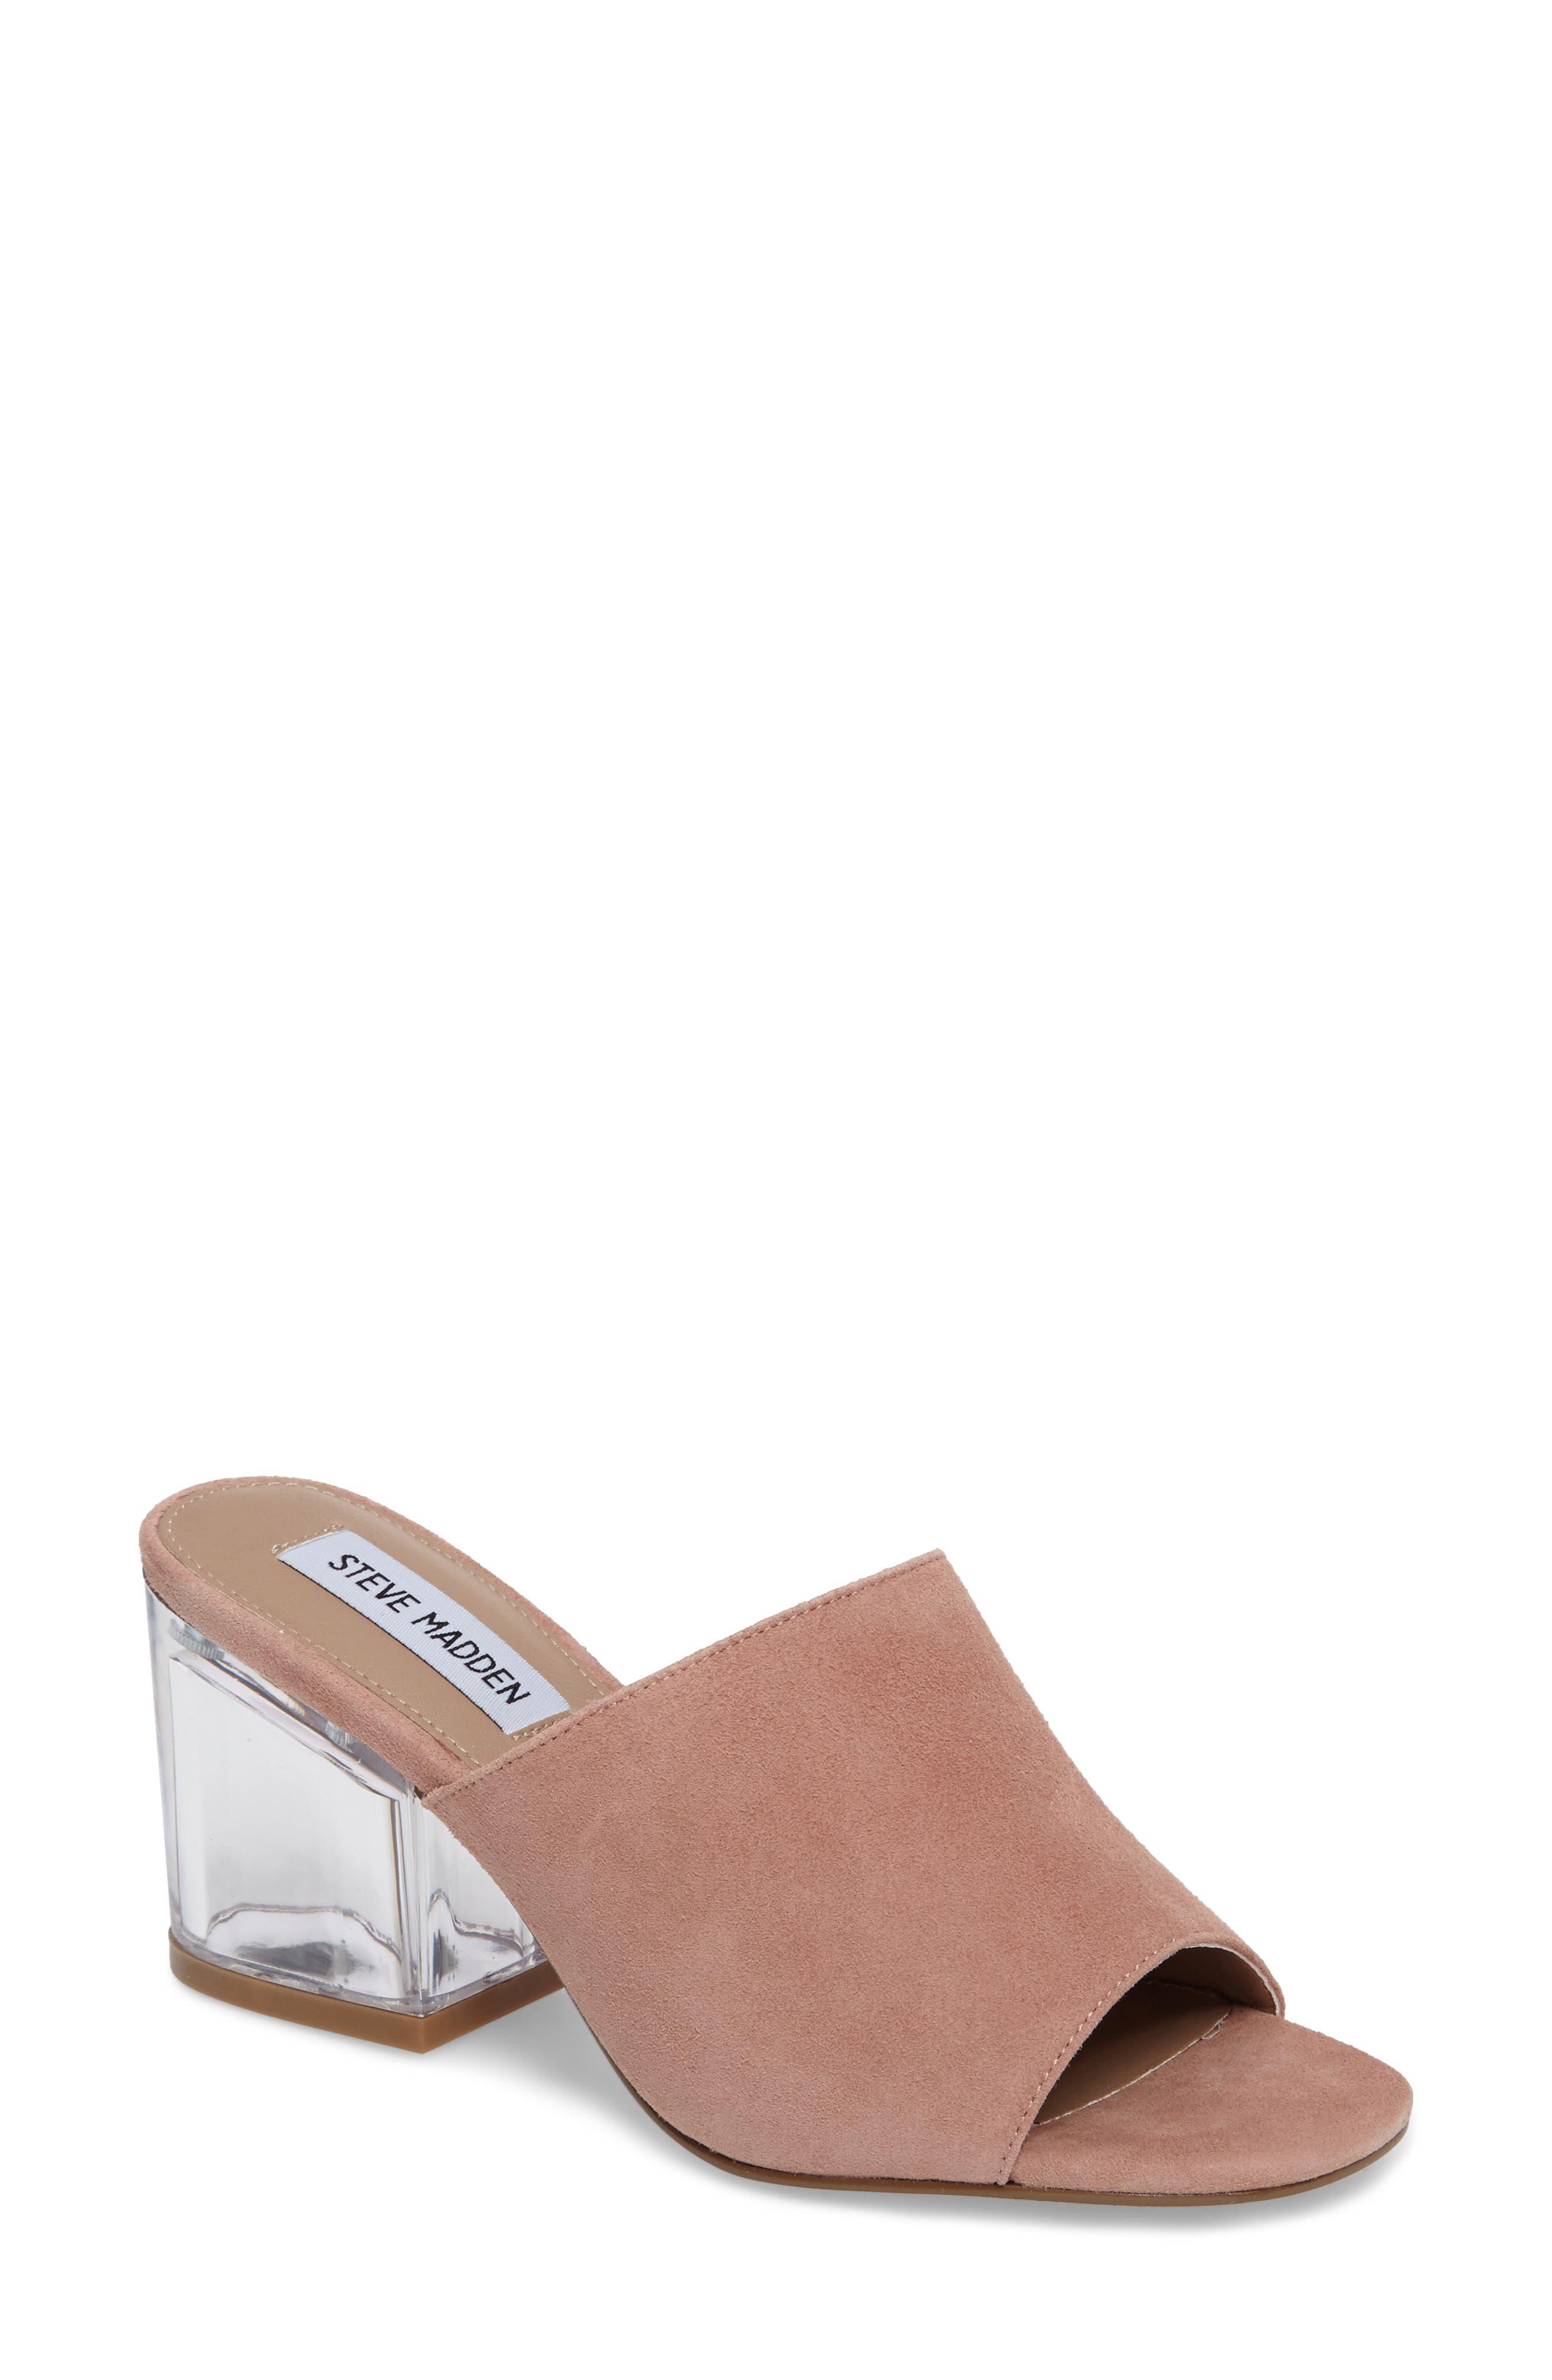 Dalis Clear Heel Slide Sandal,                         Main,                         color, Rose Suede